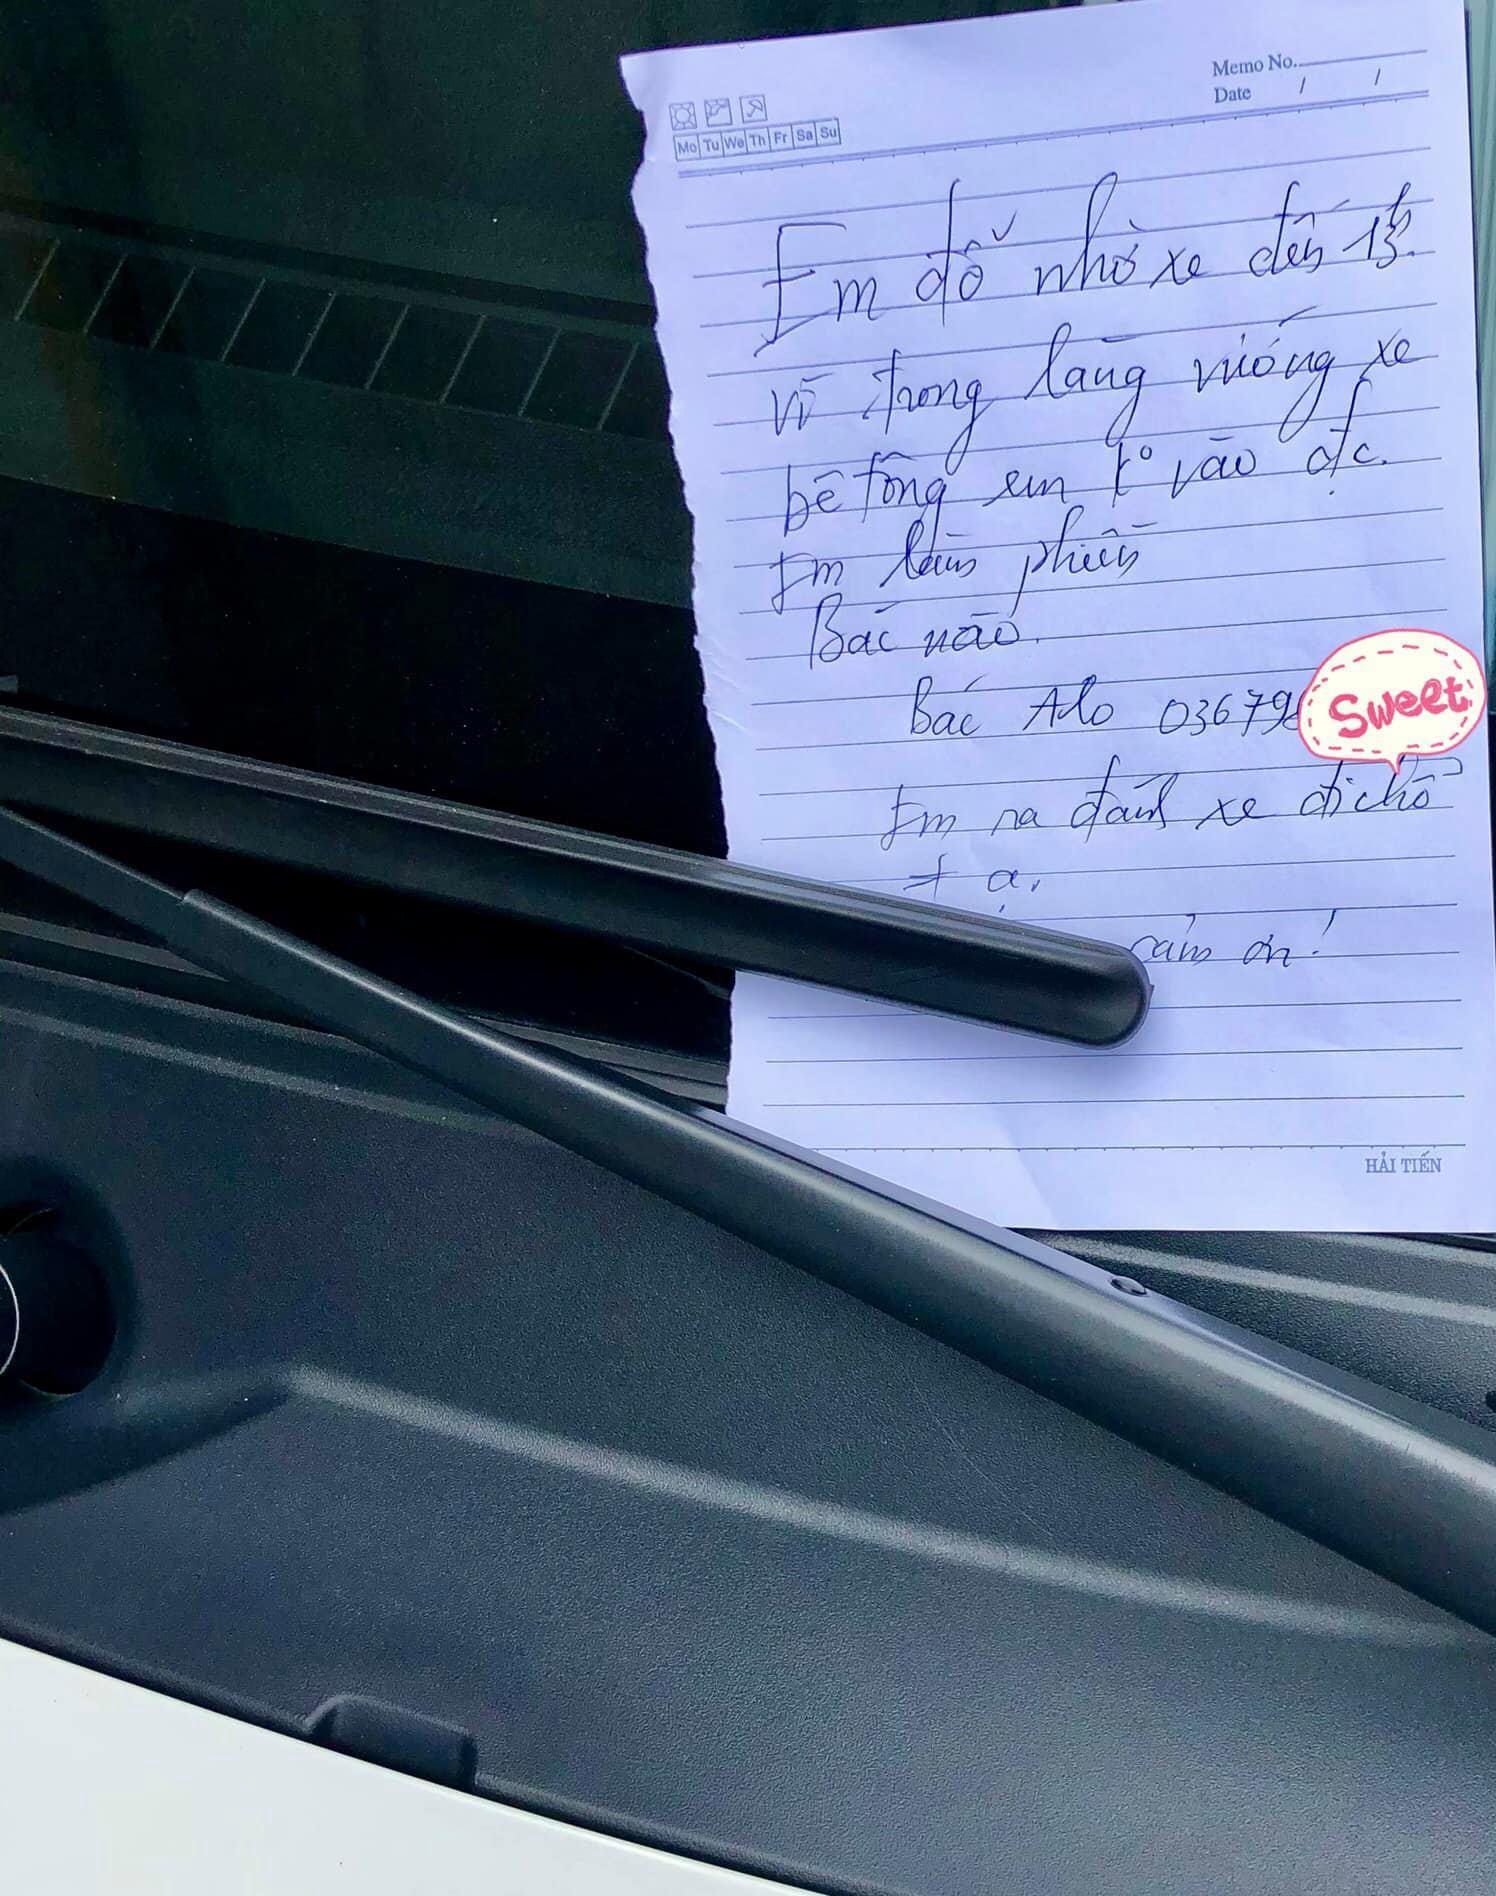 Tờ giấy nhắn của nữ tài xế đỗ xe chắn cửa gây 'bão mạng' Ảnh 1